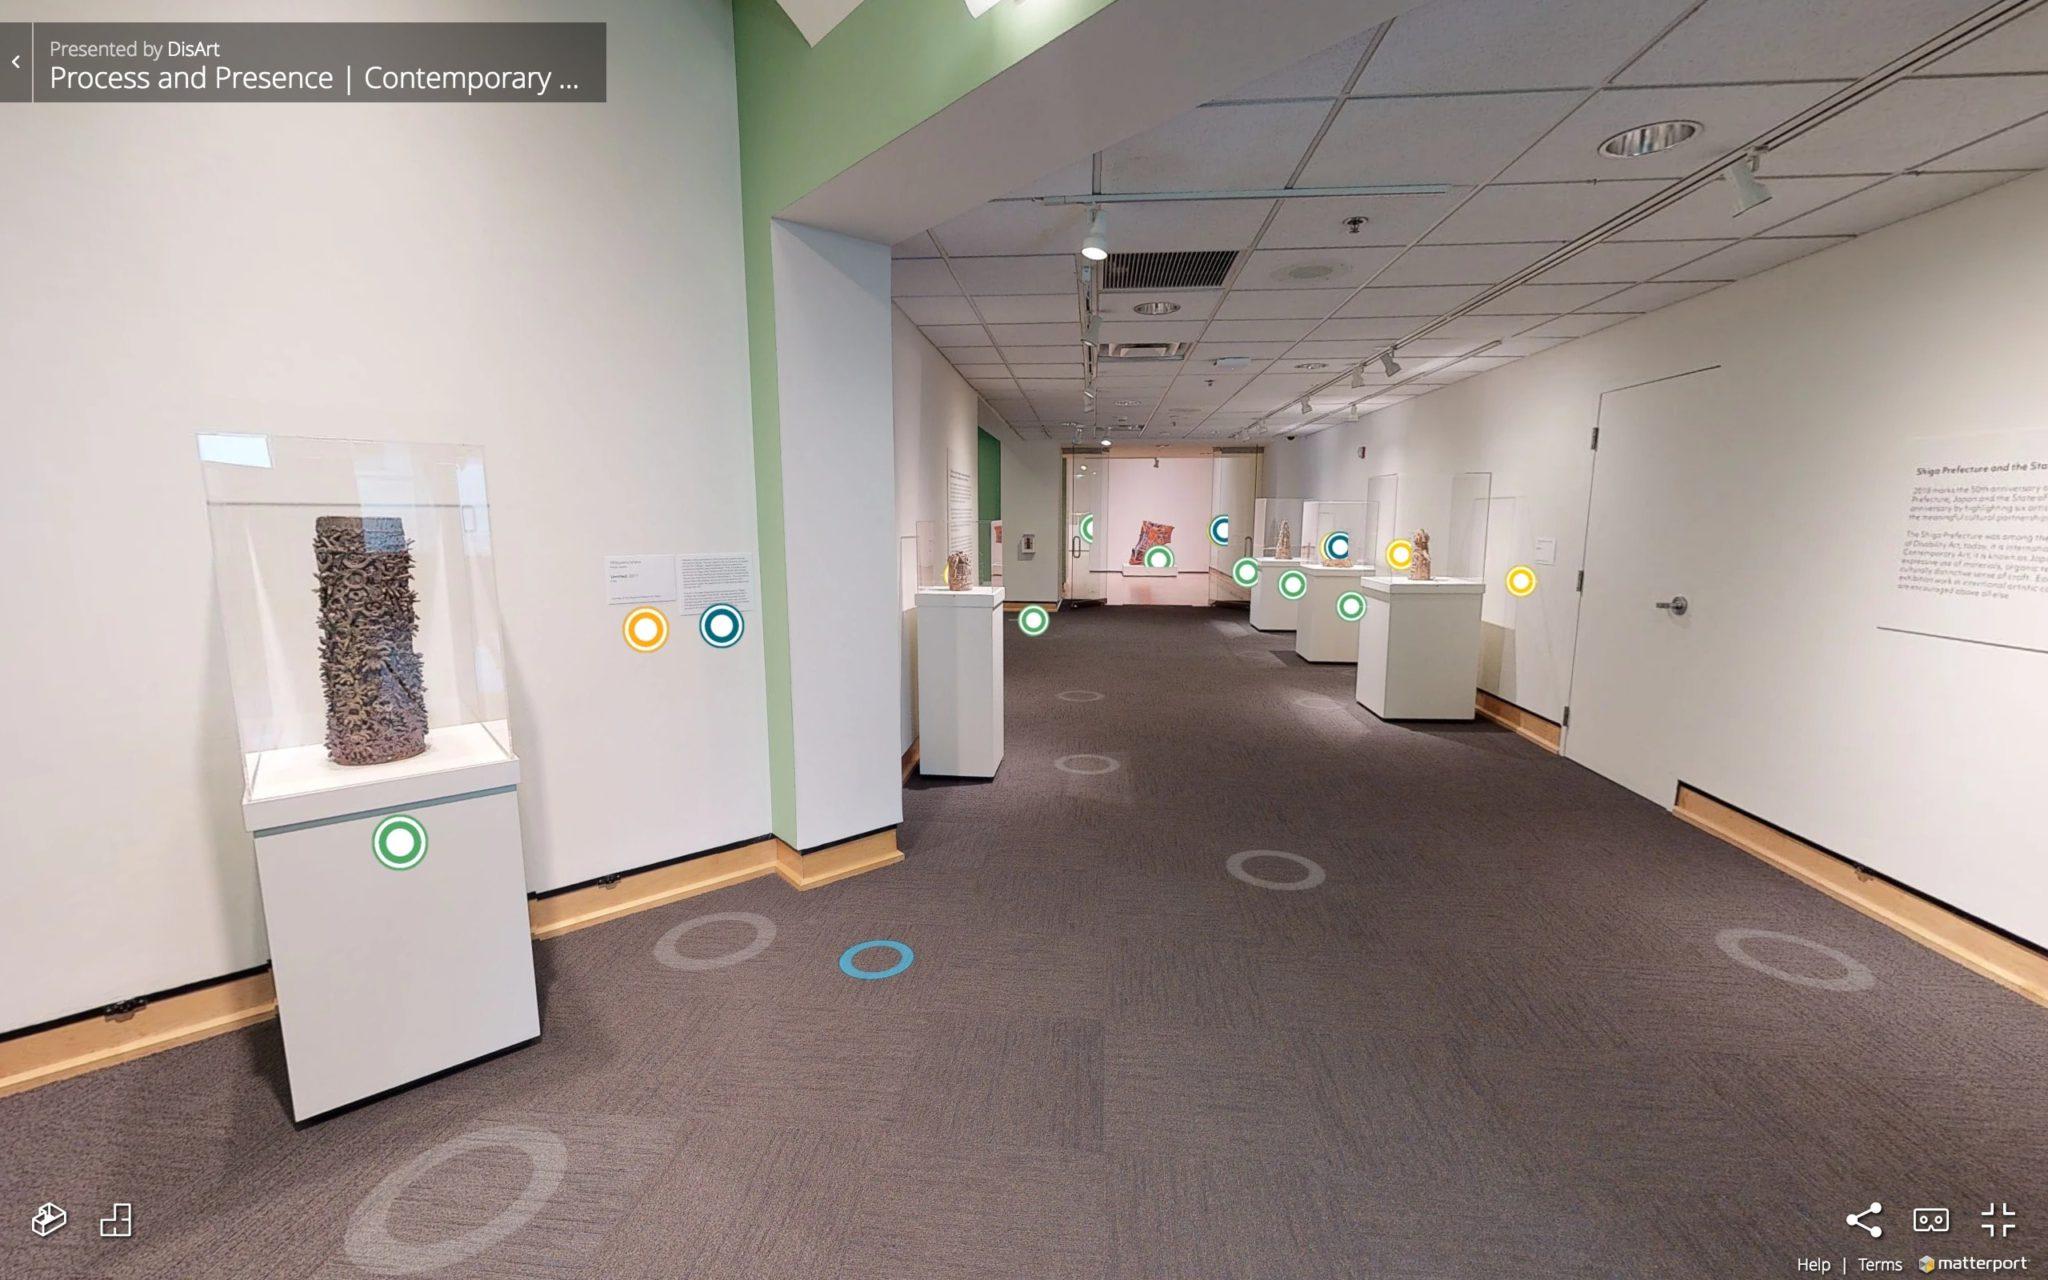 3D_tour_of_DisArt_exhibition